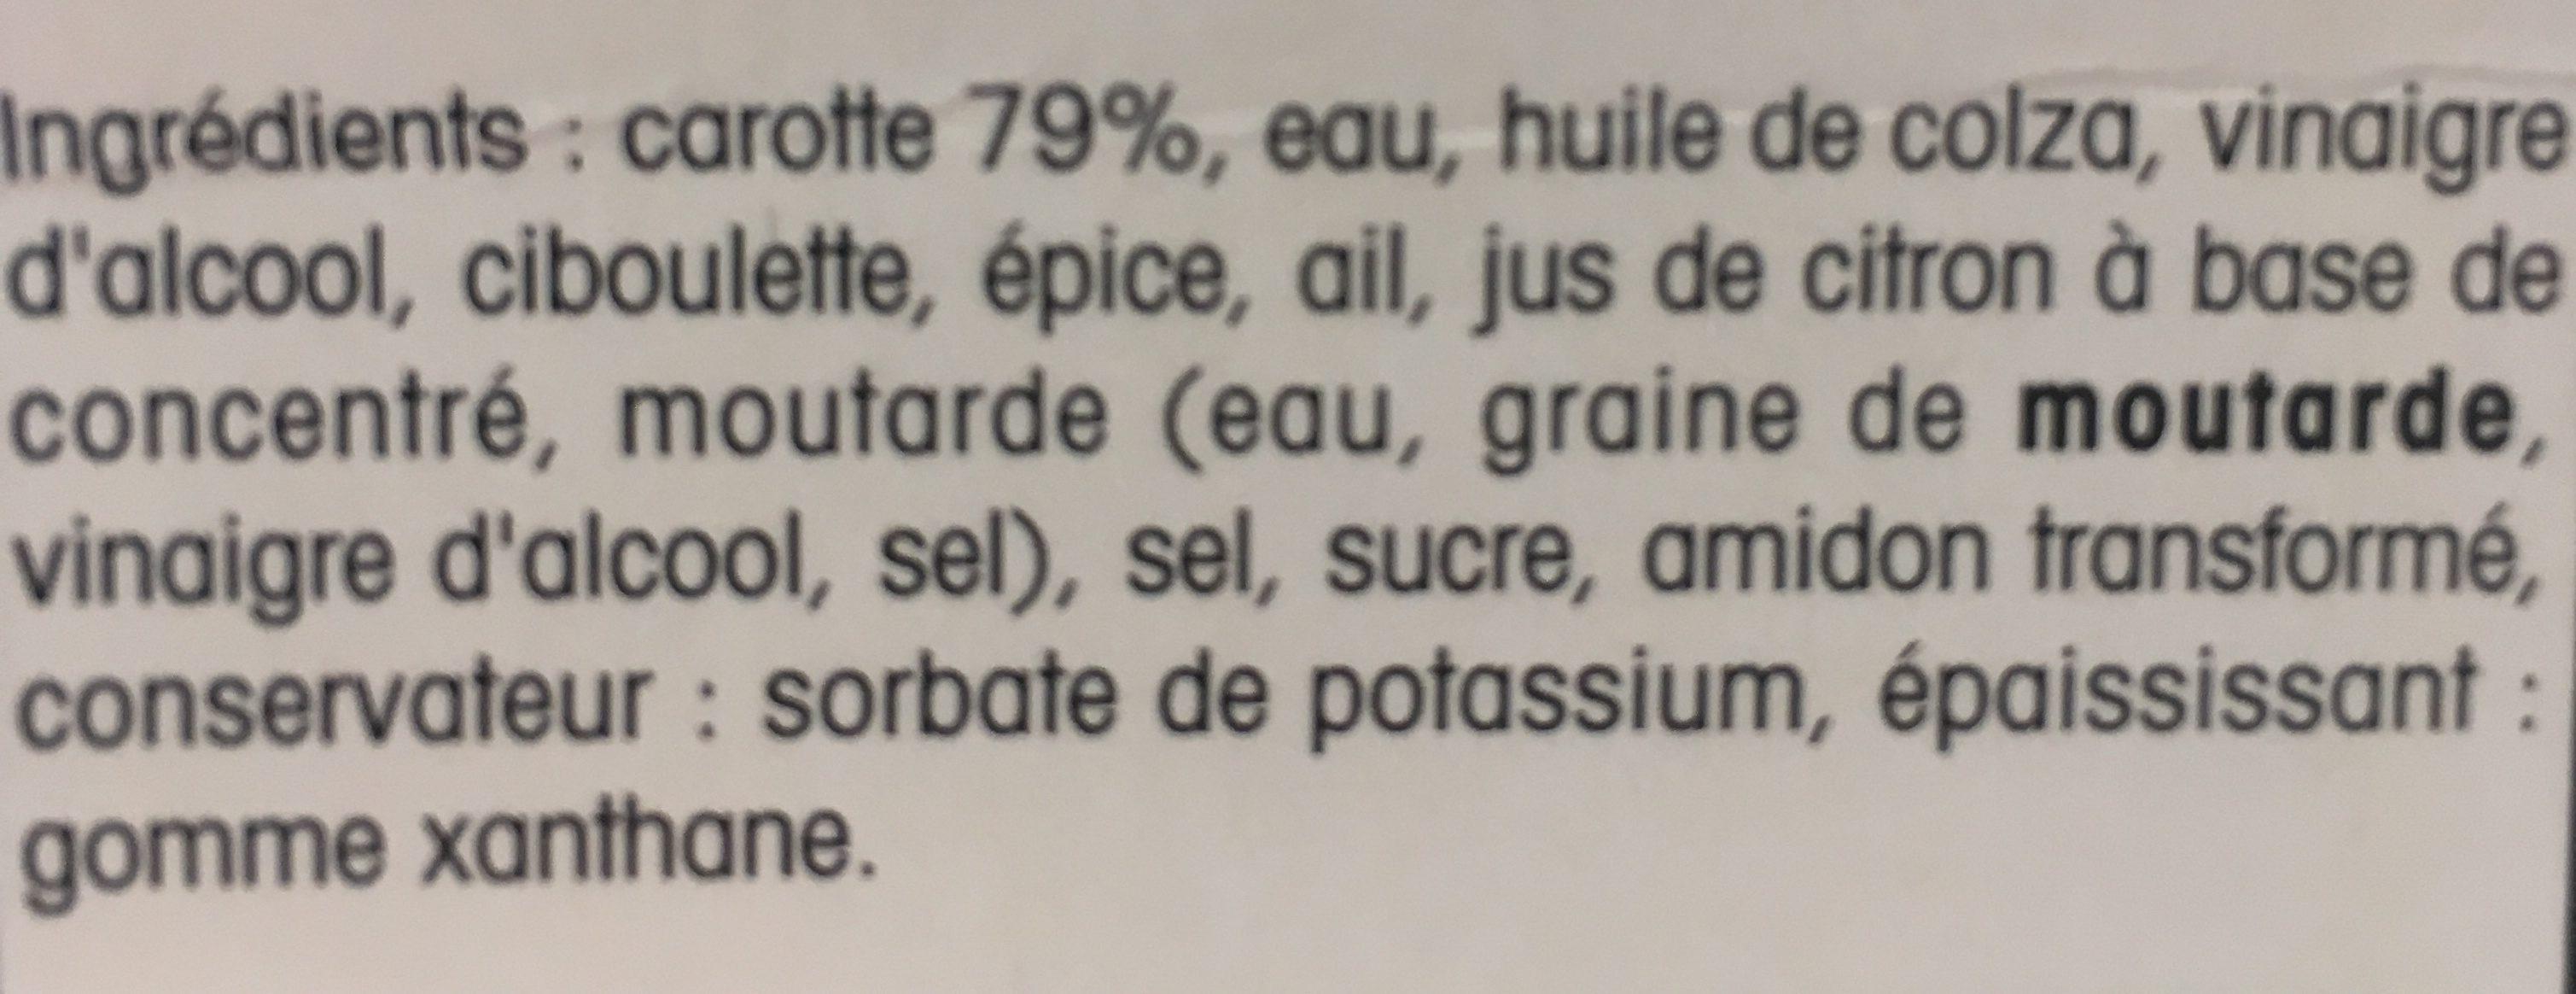 Carottes Râpées Assaisonnées - Ingredients - fr